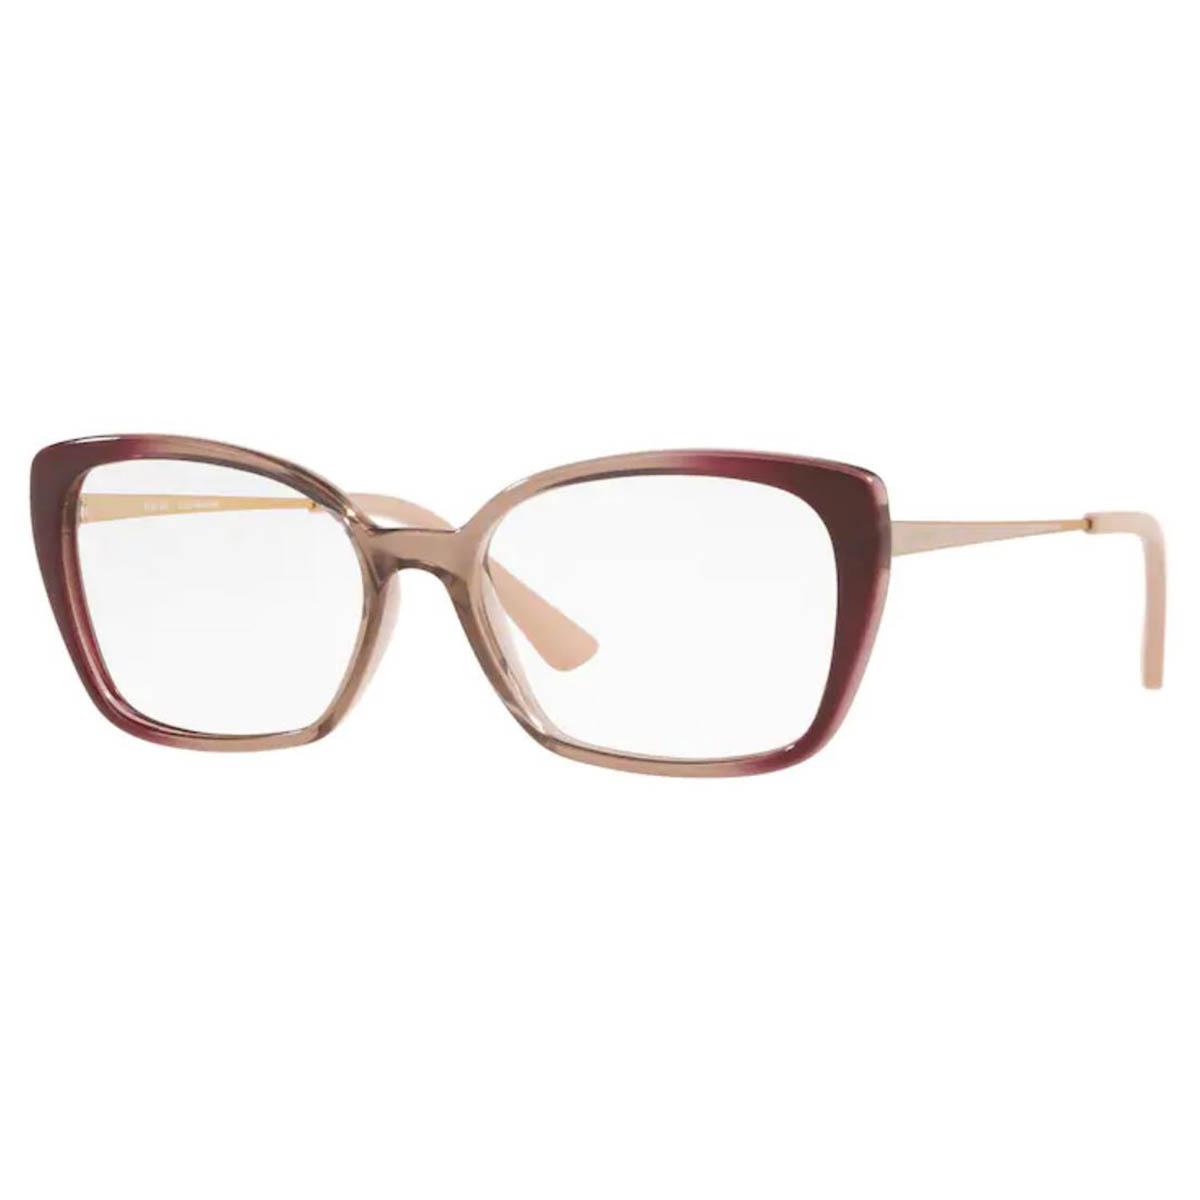 Óculos de Grau Feminino Platini P93162 Marrom Degradê Translúcido